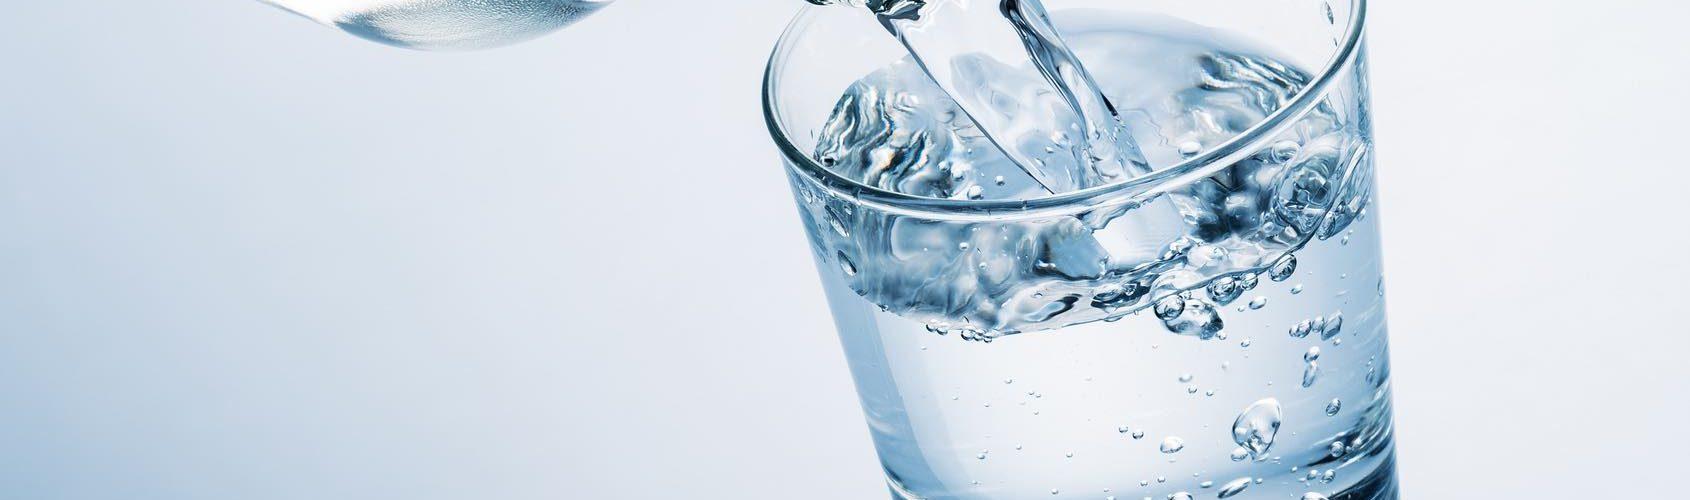 acqua migliore da bere